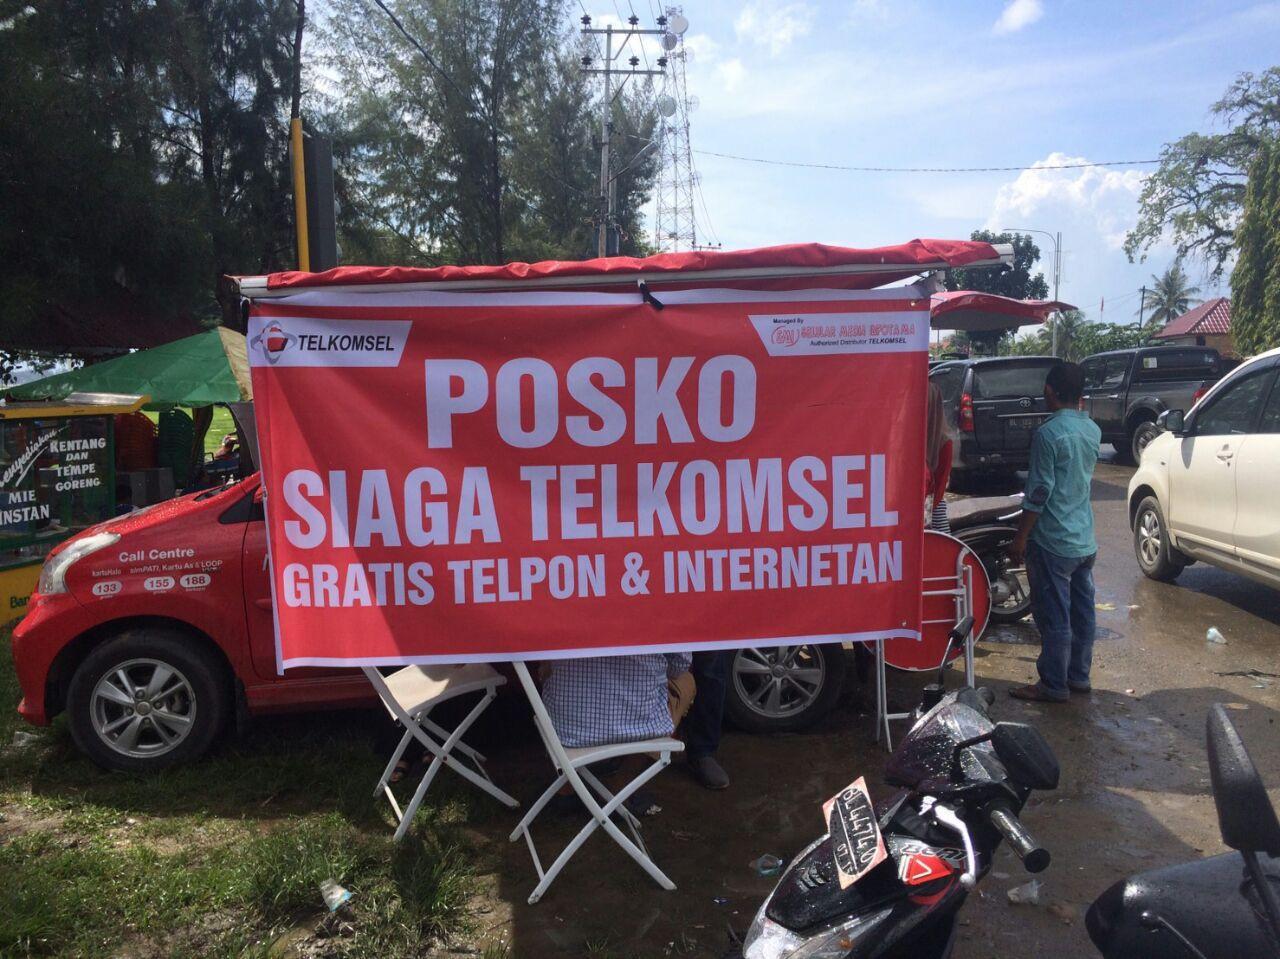 Posko siaga Telkomsel di lokasi gempa. elkomsel, menyediakan layanan telepon gratis,Internatan serta fasilitas charging HP gratis di lapangan kota Meureudu dan di Kec. Ulee Glee bagi korban gempa Aceh